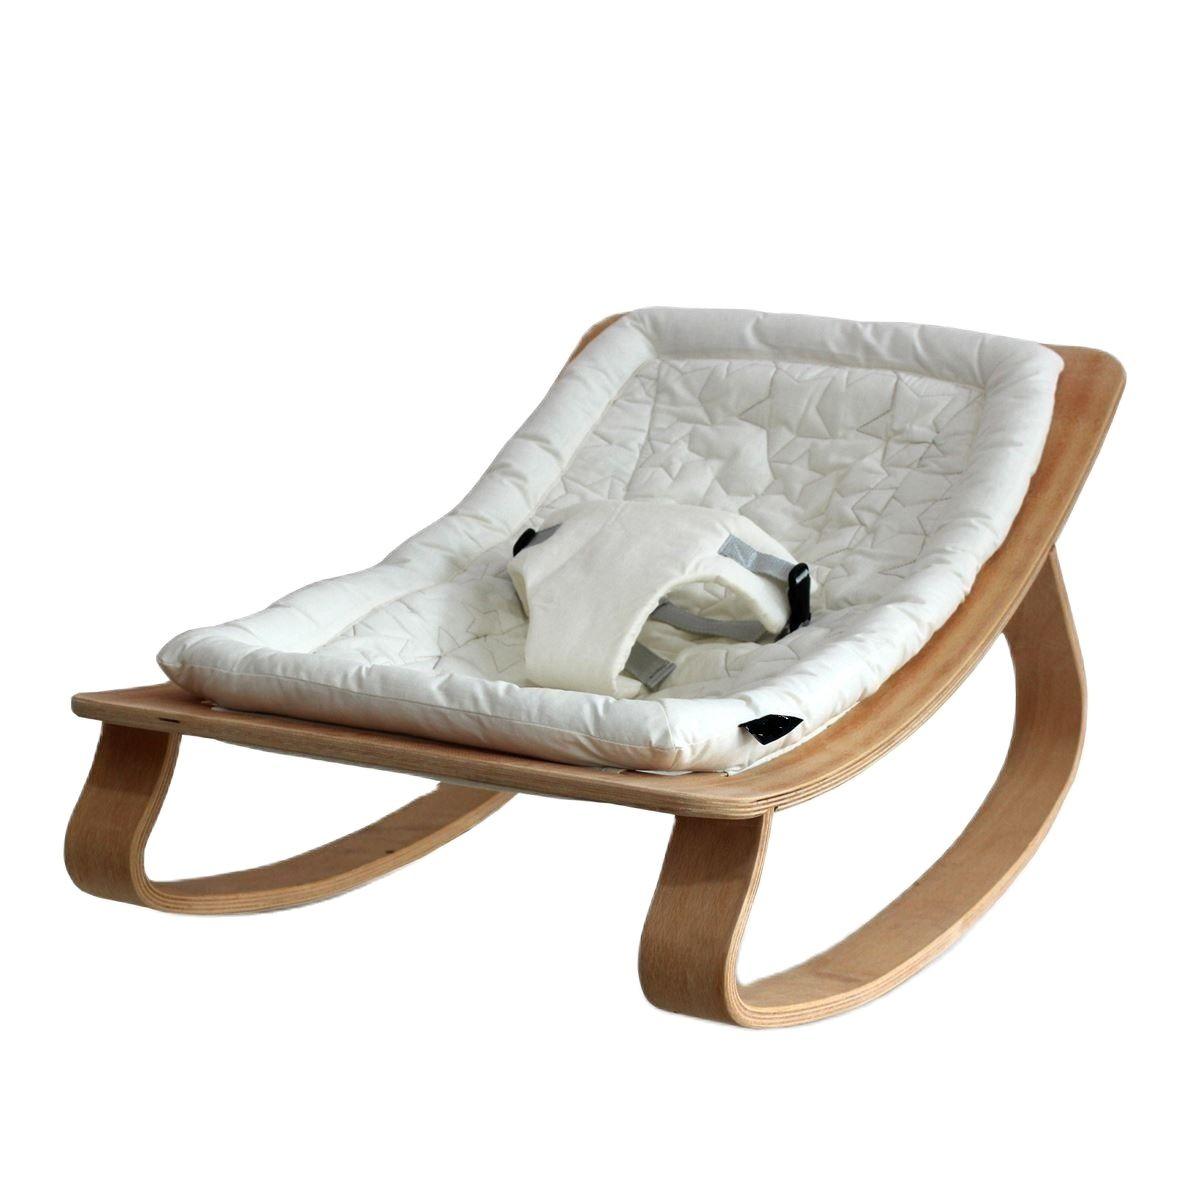 أرجوحة خشبية قابلة للطي لحديثي الولادة ، سرير أطفال ، منتجات أمان ، ملحقات سرير ، سهلة الطي ، سرير